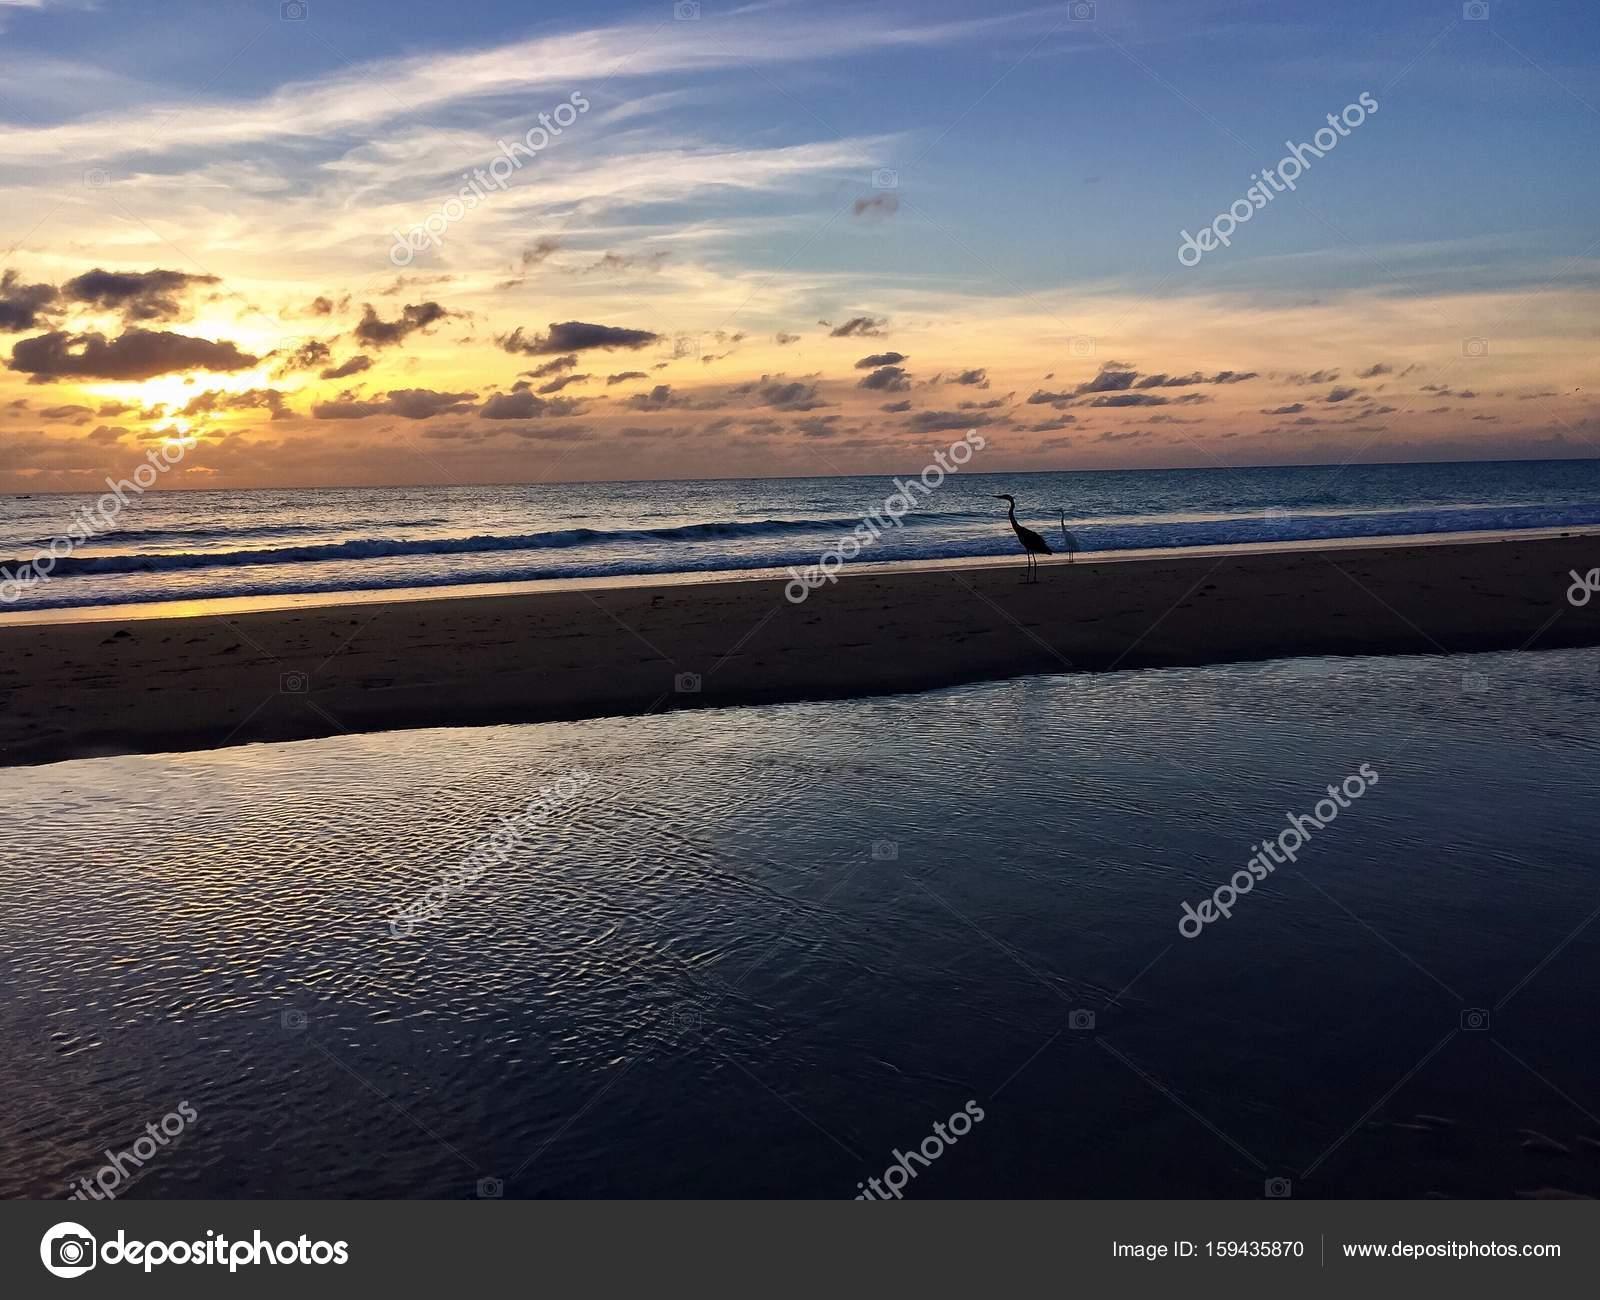 Störche Stehen Auf Den Sand Zwischen Den Ozean Mit Sunrise Florida